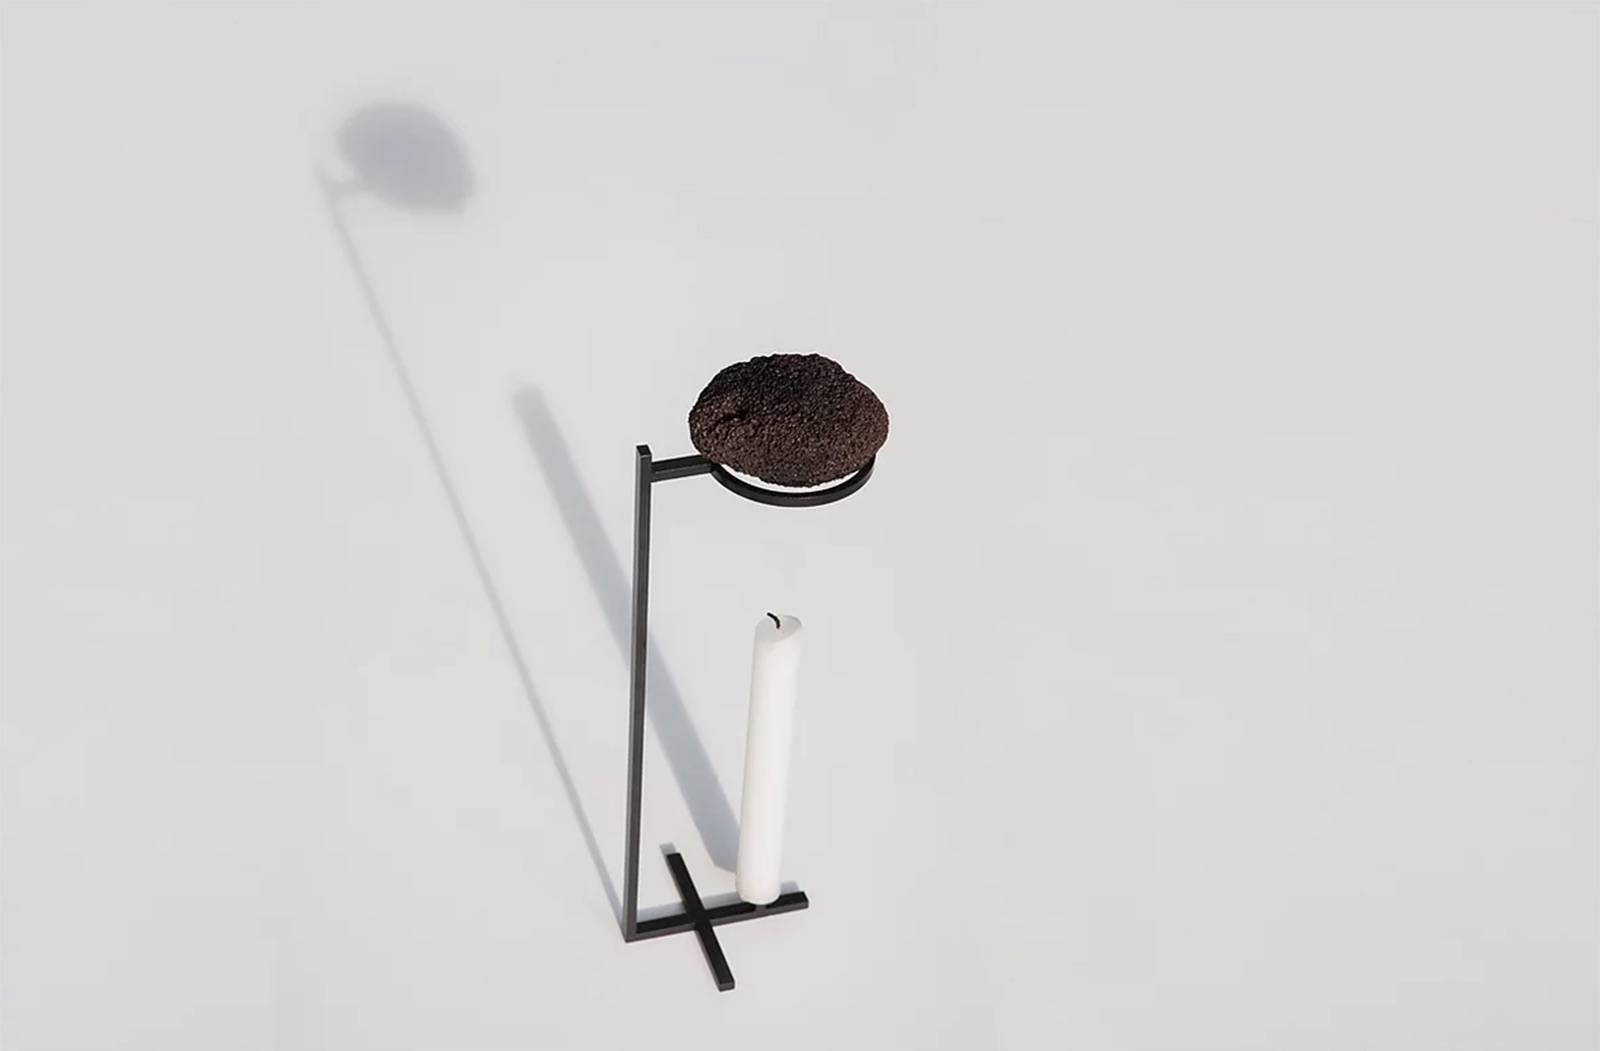 iGNANT-Design-Sanna-Volker-Nostalgia-006